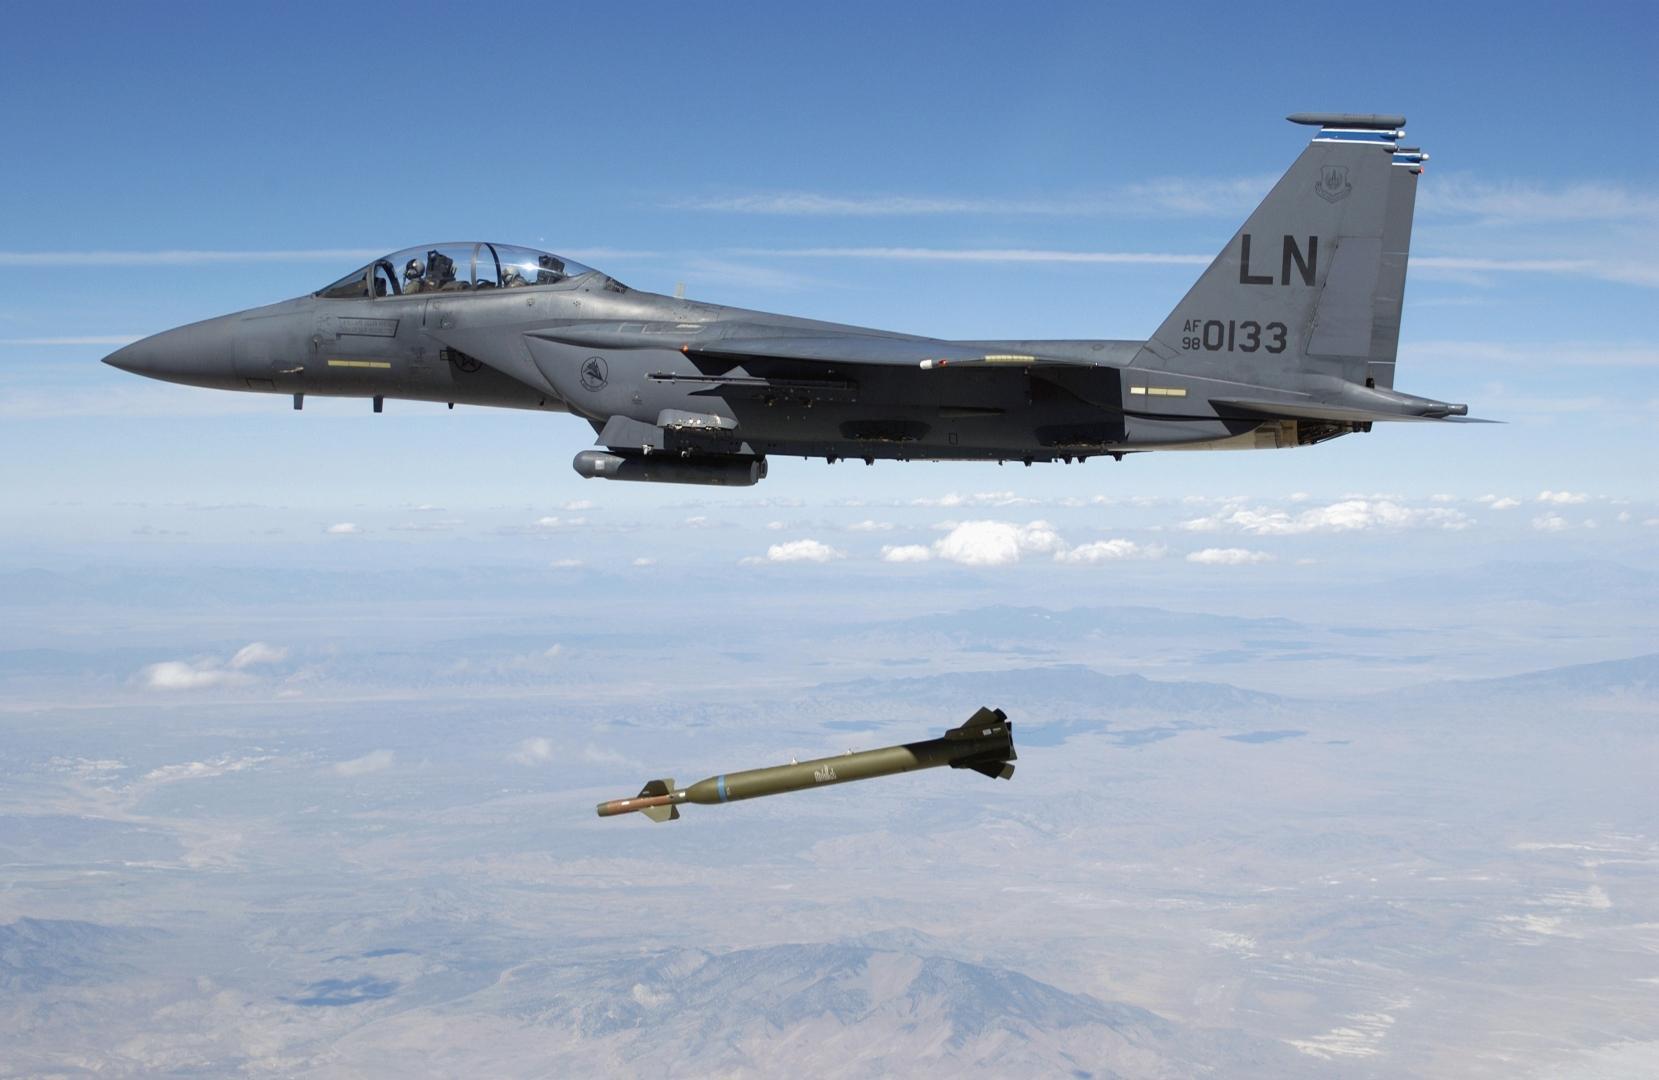 В США отрицают информацию о нанесении авиаударов по району Эт-Таджи к северу от Багдада